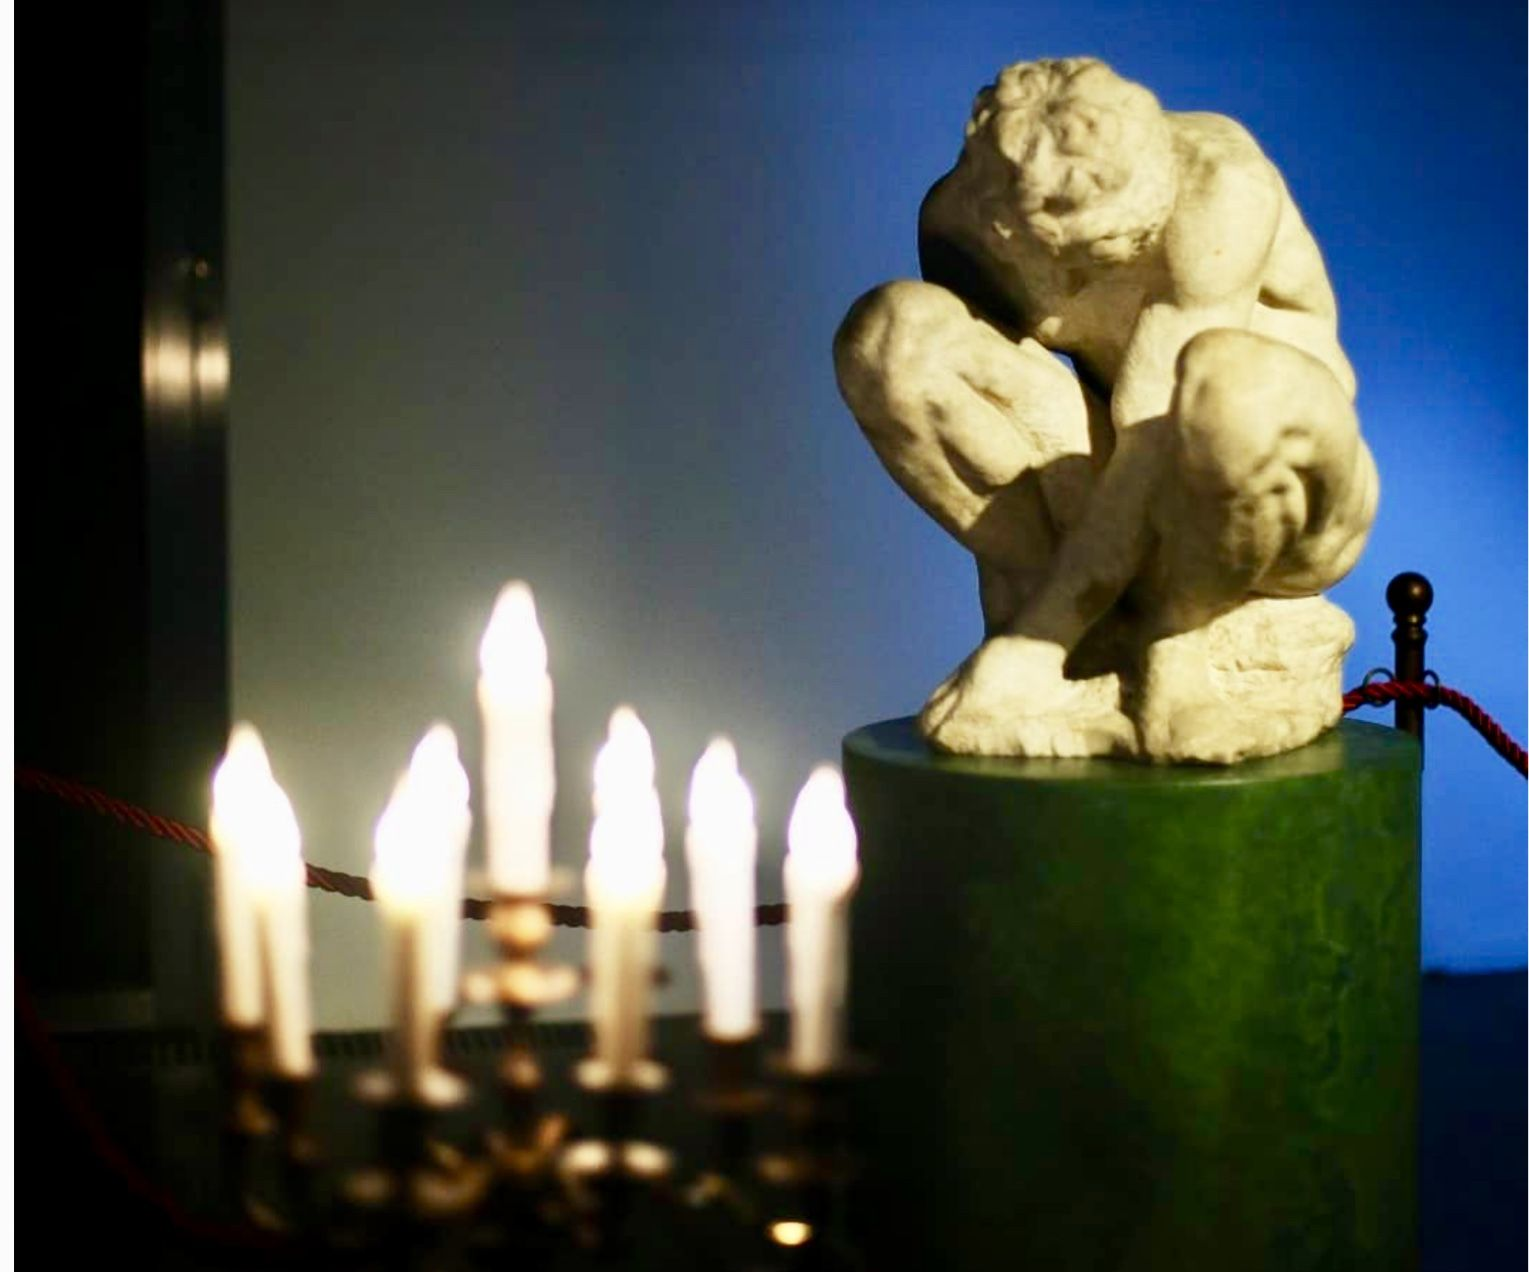 Statua accovacciata di Michelangelo